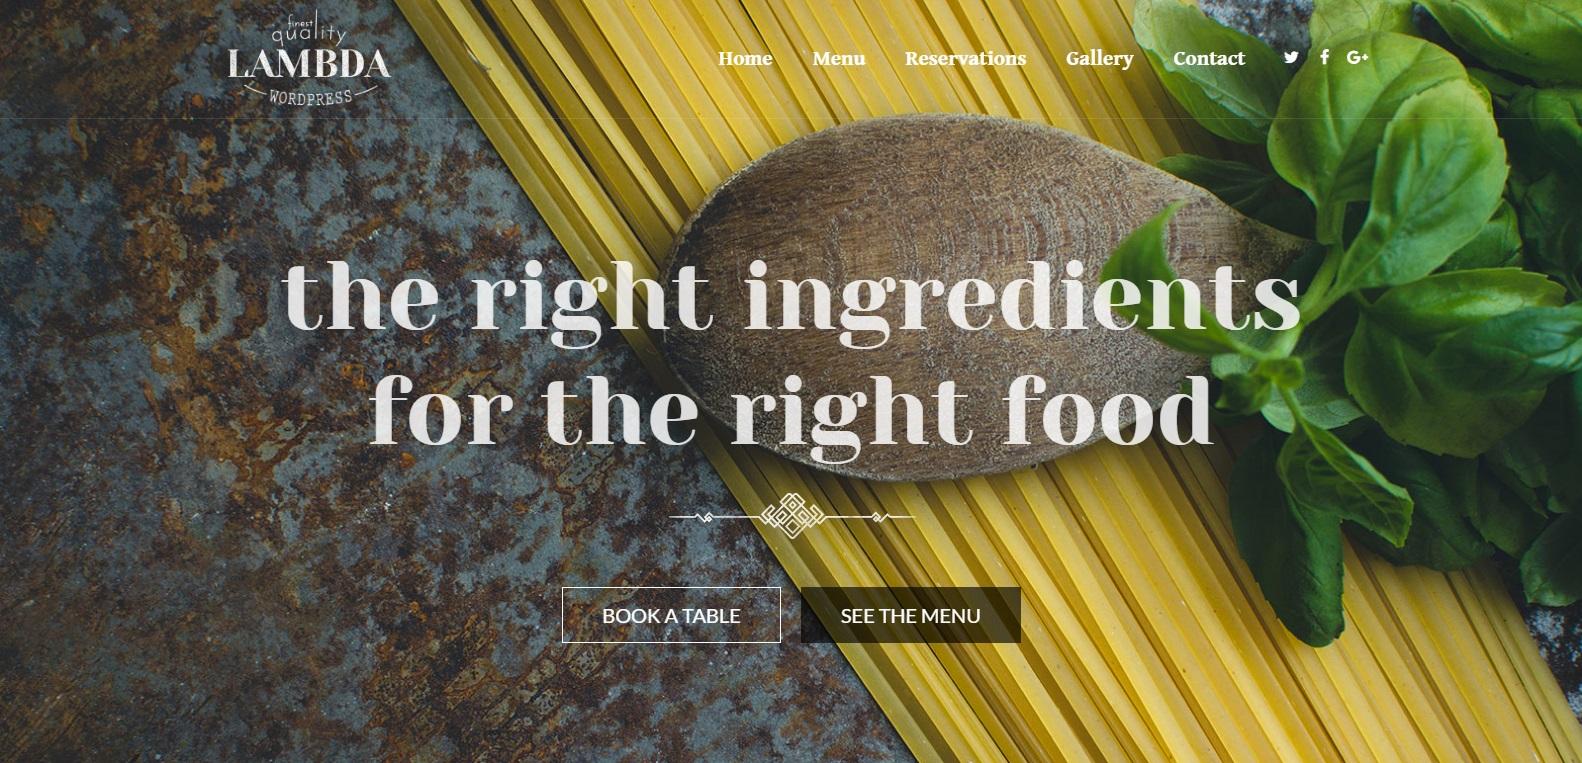 Lambda - Responsive Bootstrap Restaurant Theme